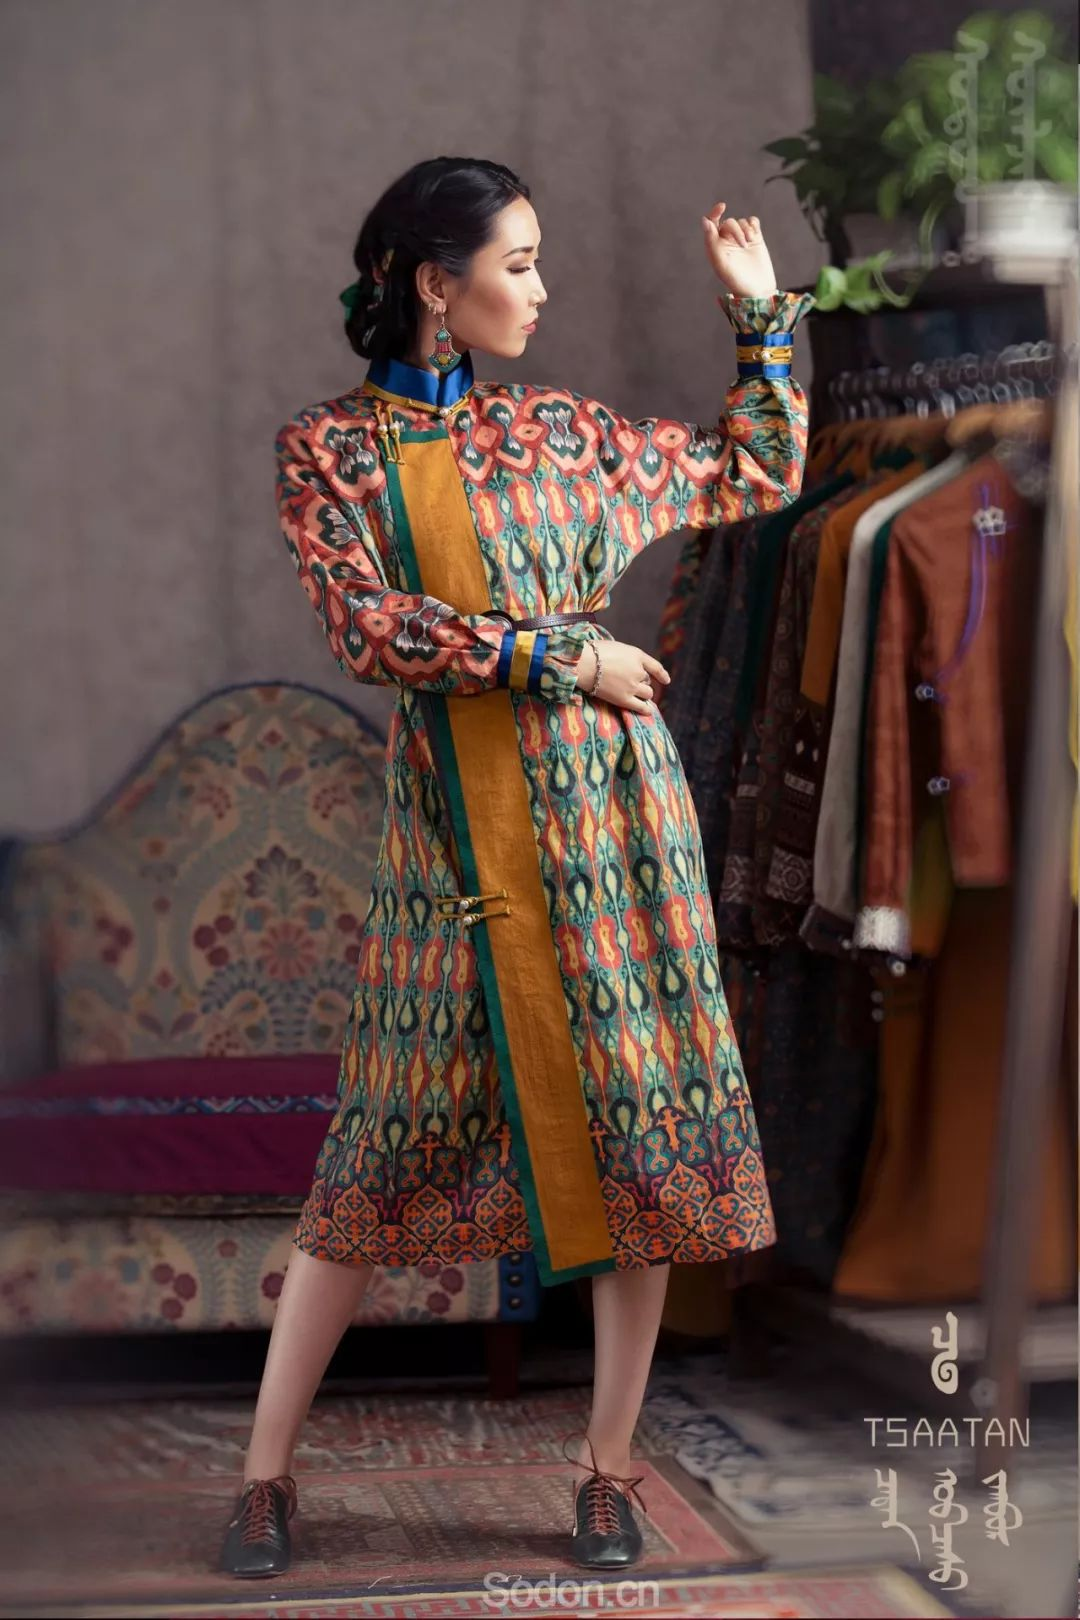 TSAATAN蒙古时装 2019新款,来自驯鹿人的独特魅力! 第70张 TSAATAN蒙古时装 2019新款,来自驯鹿人的独特魅力! 蒙古服饰